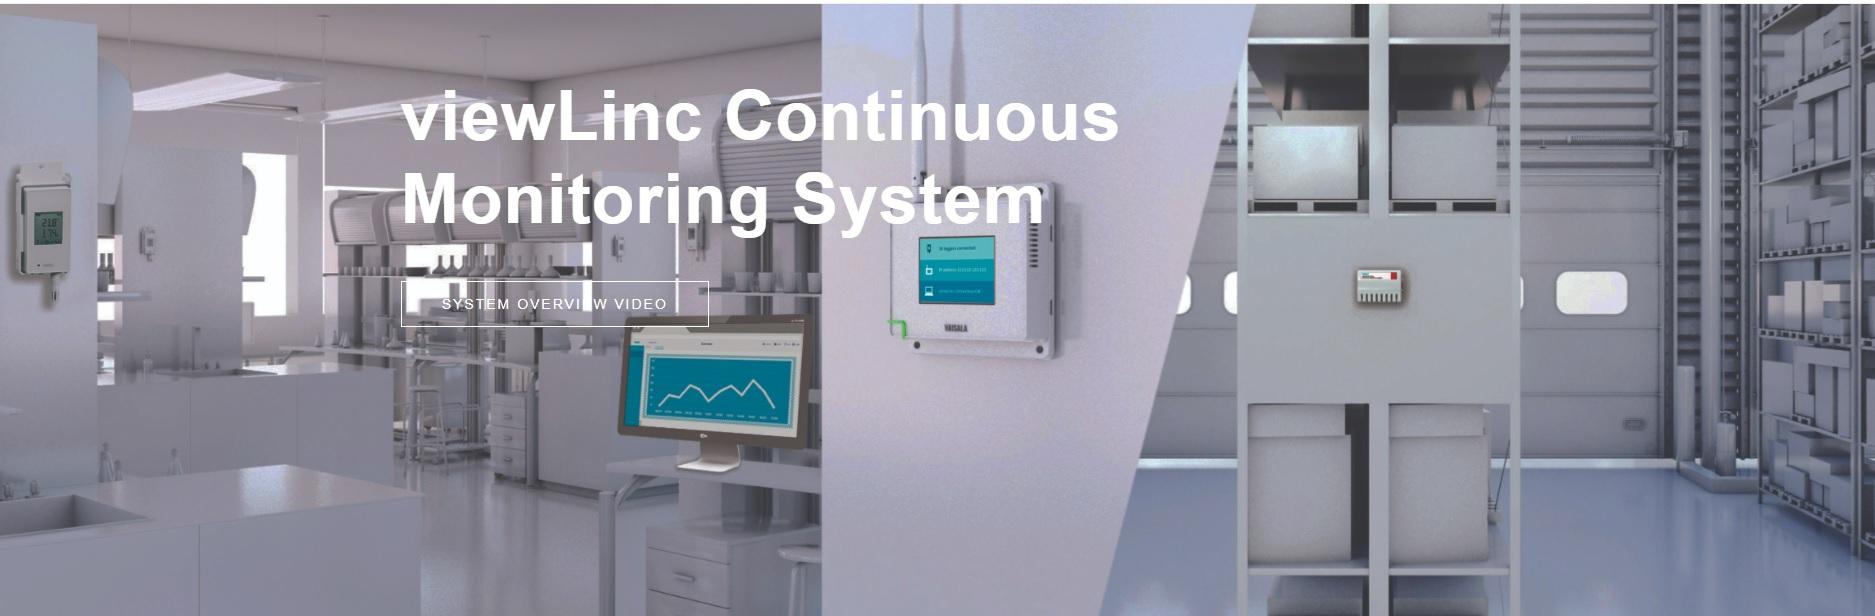 Hệ thống giám sát liên tục viewLinc - viewLinc Continuous Monitoring System